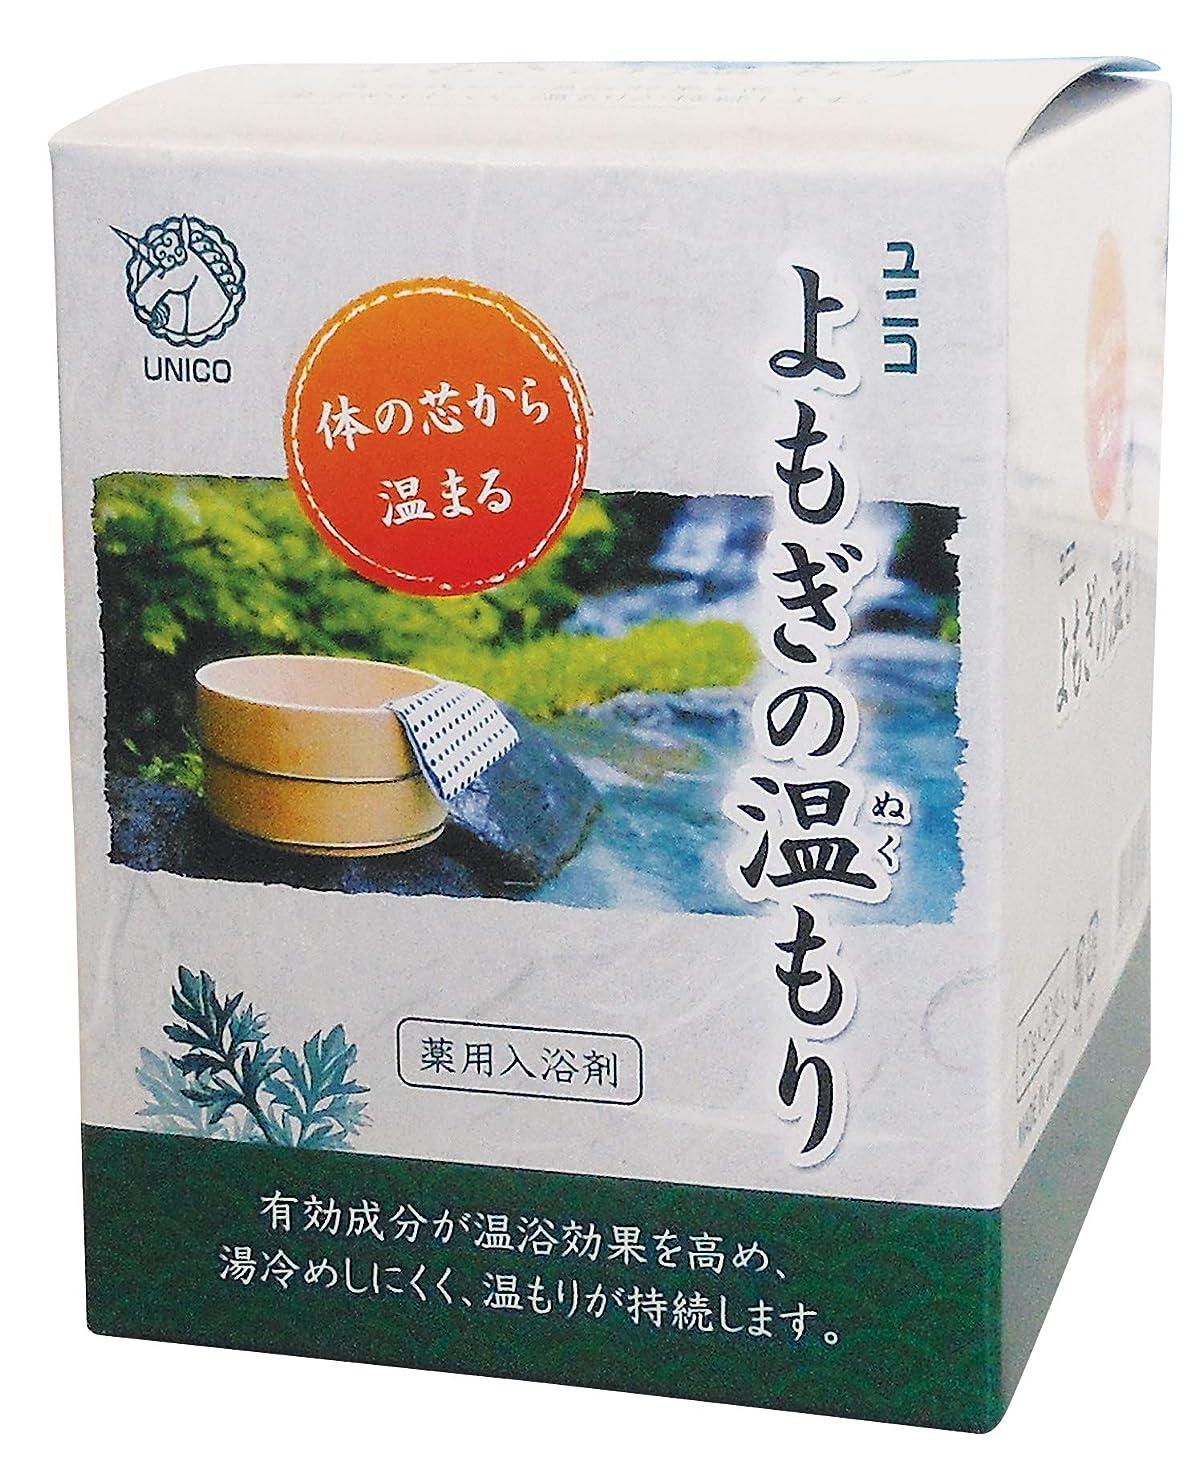 空中やけど吸収するユニコ 薬用入浴剤 よもぎの温もり 20g×30袋入